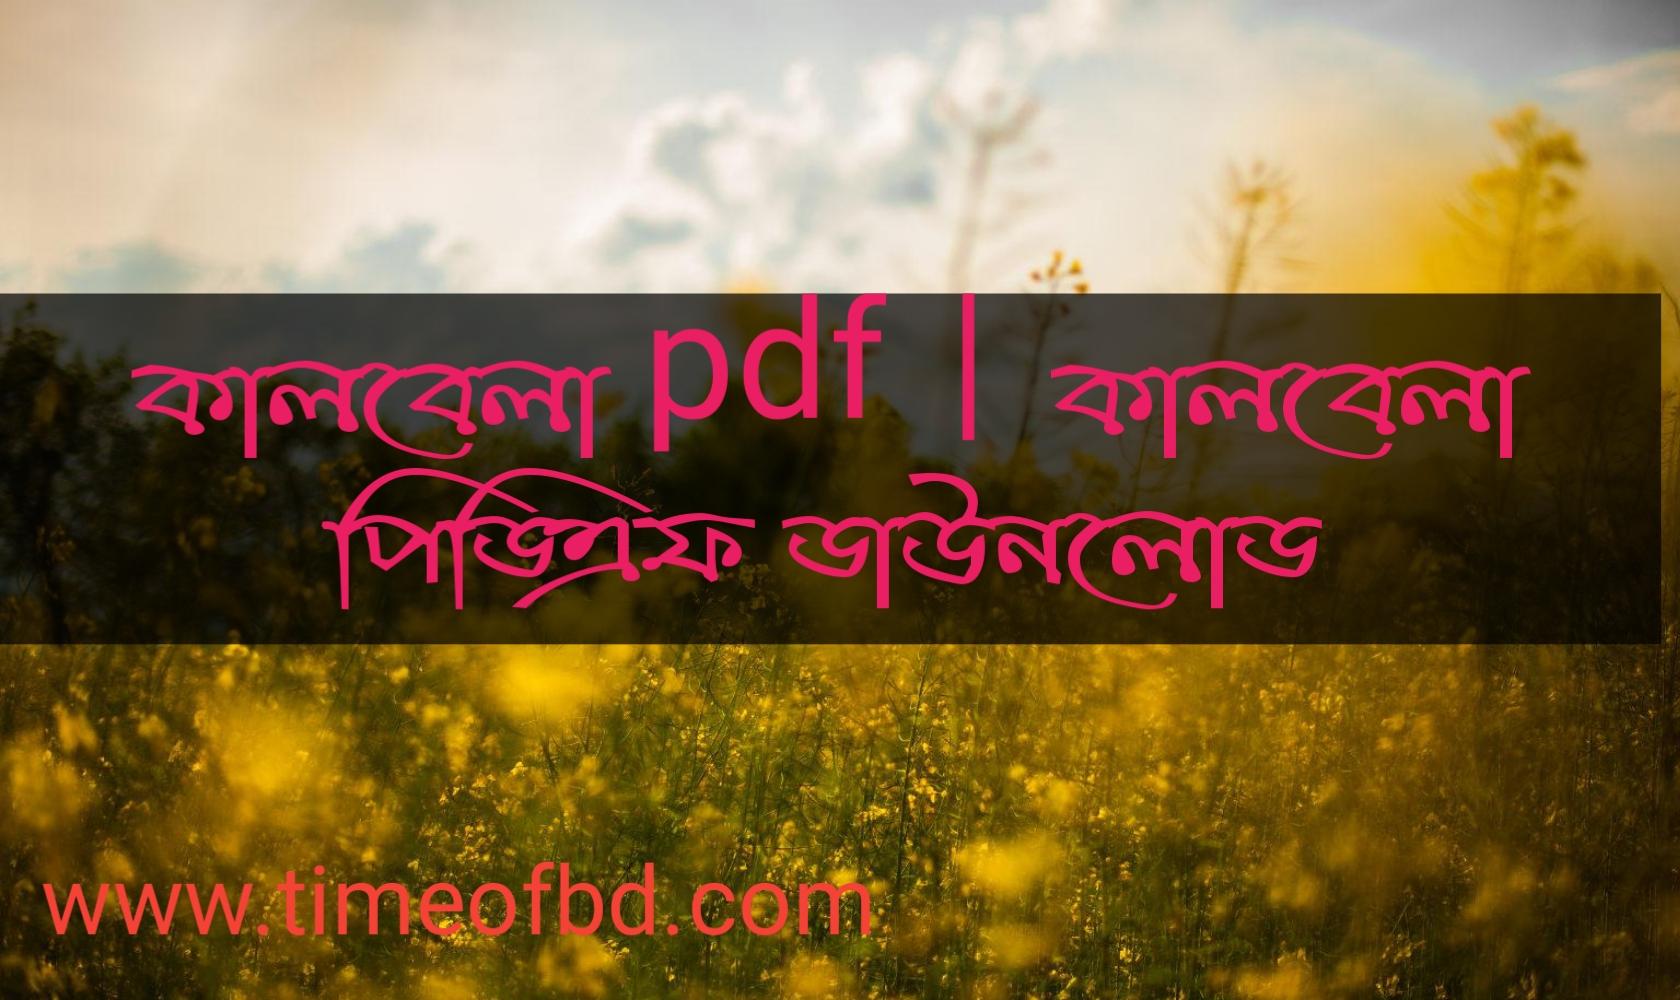 কালবেলা pdf, কালবেলা পিডিএফ ডাউনলোড, কালবেলা বই পিডিএফ, কালবেলা pdf download,